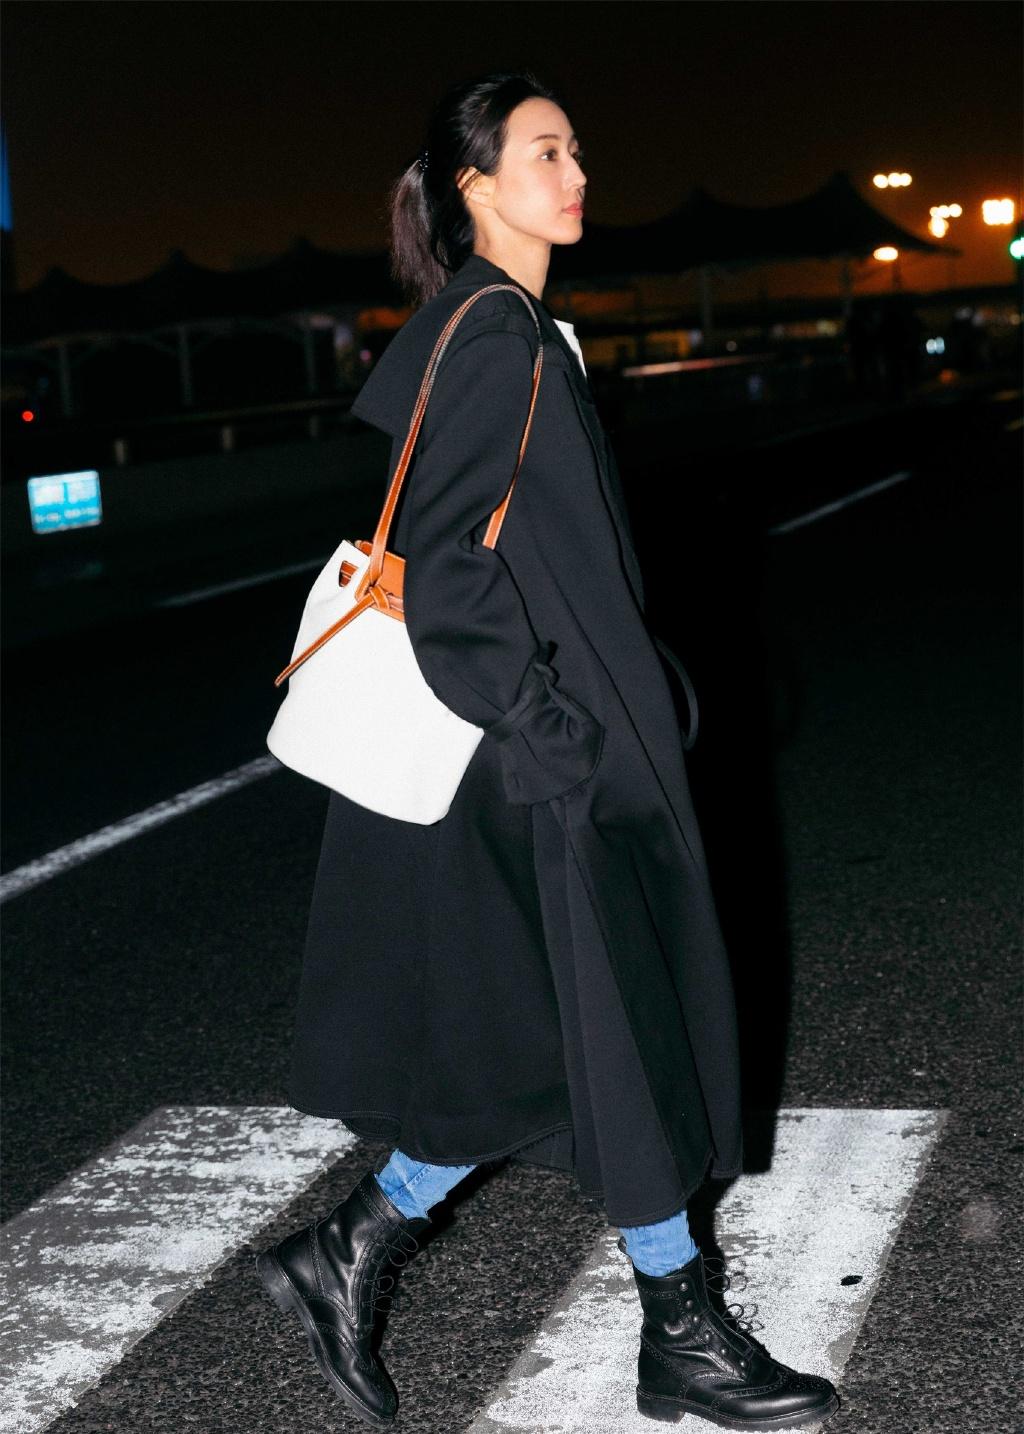 明星机场街拍,简直就是一场时装秀啊,宋妍霏的气质不输给杨幂!